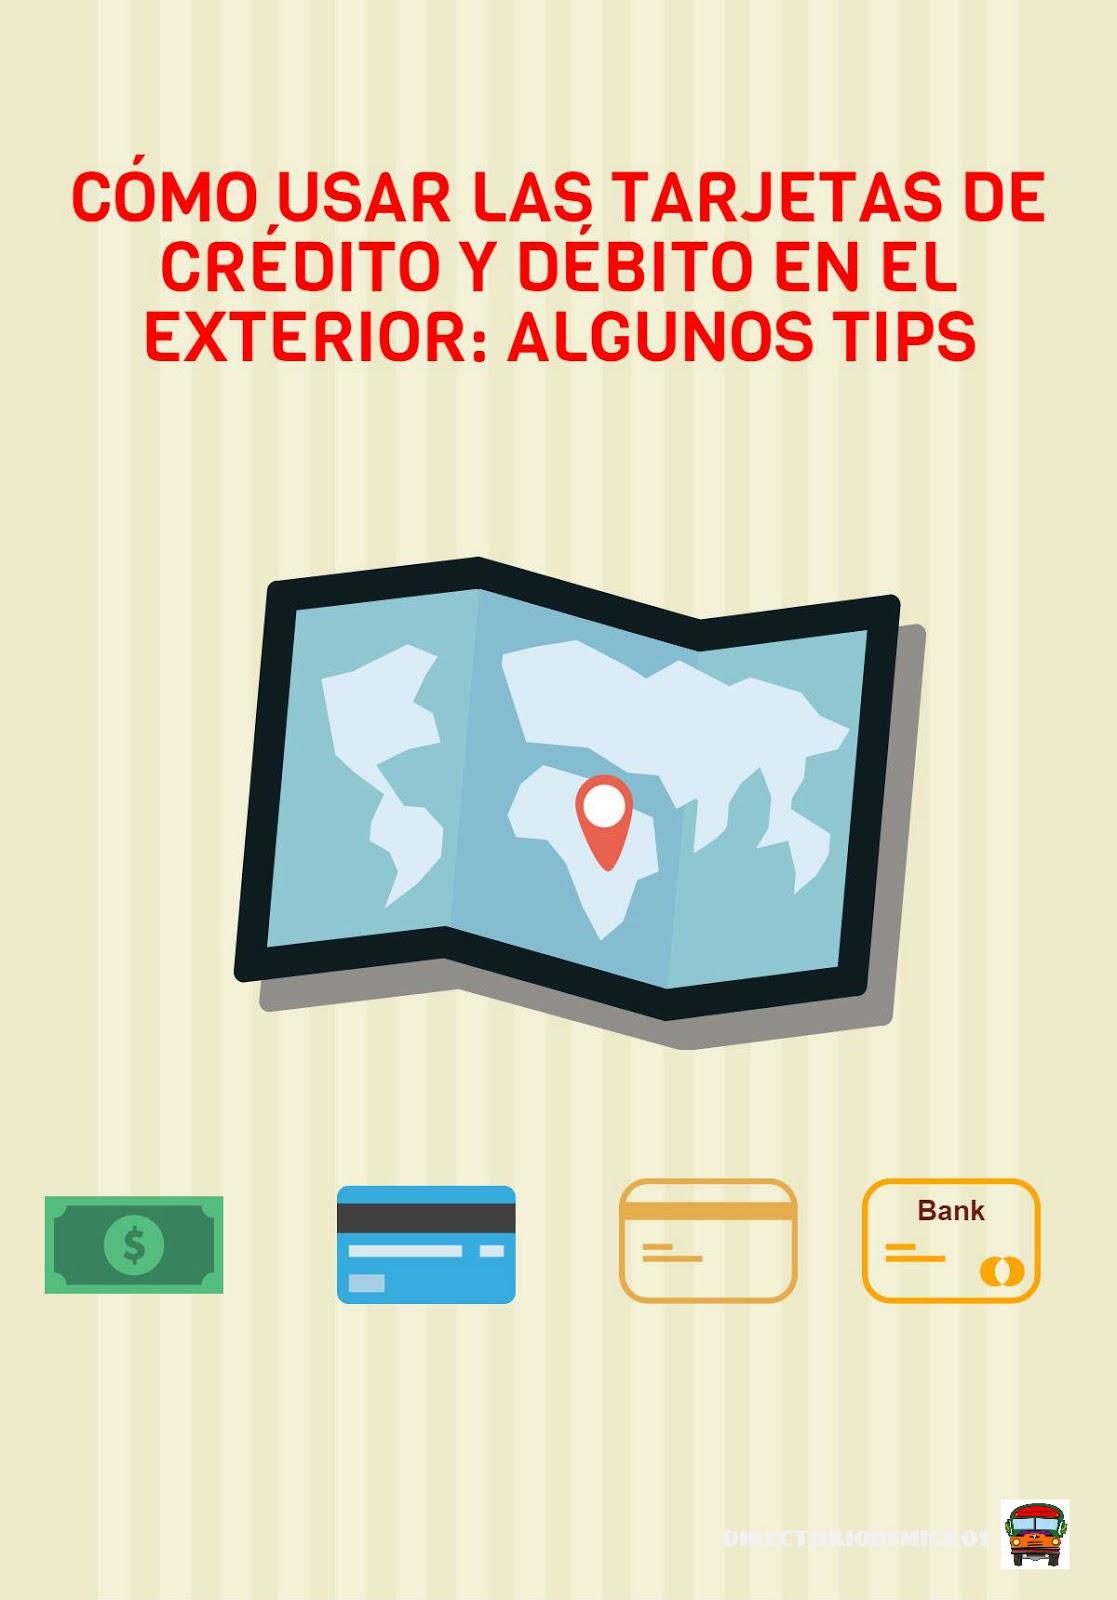 Como sacar dinero con la tarjeta de credito en el exterior - Habilitar visa debito para el exterior ...